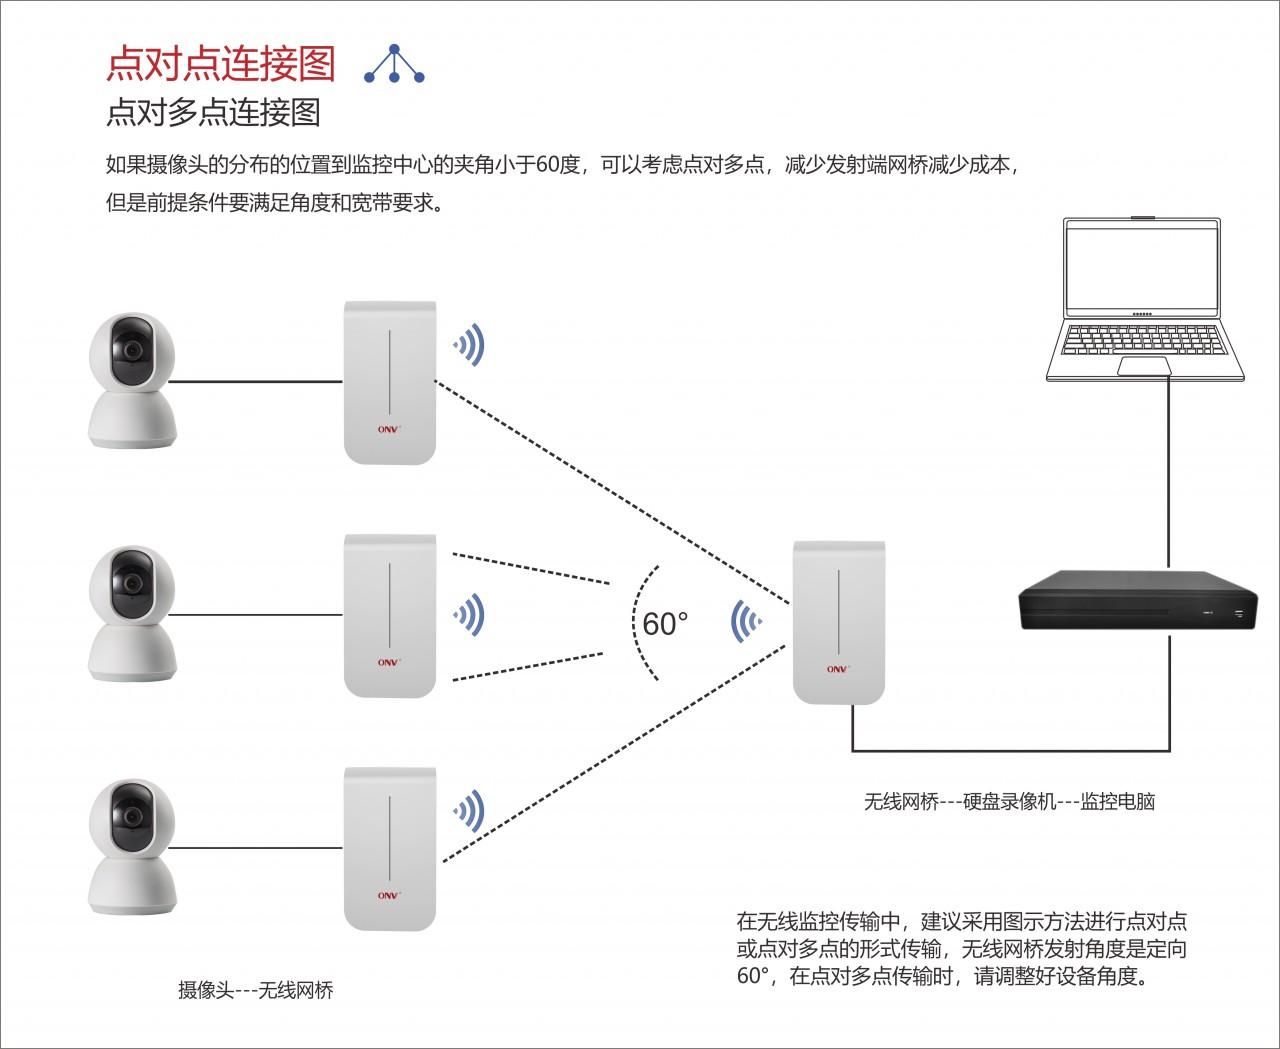 无线网桥常见方案